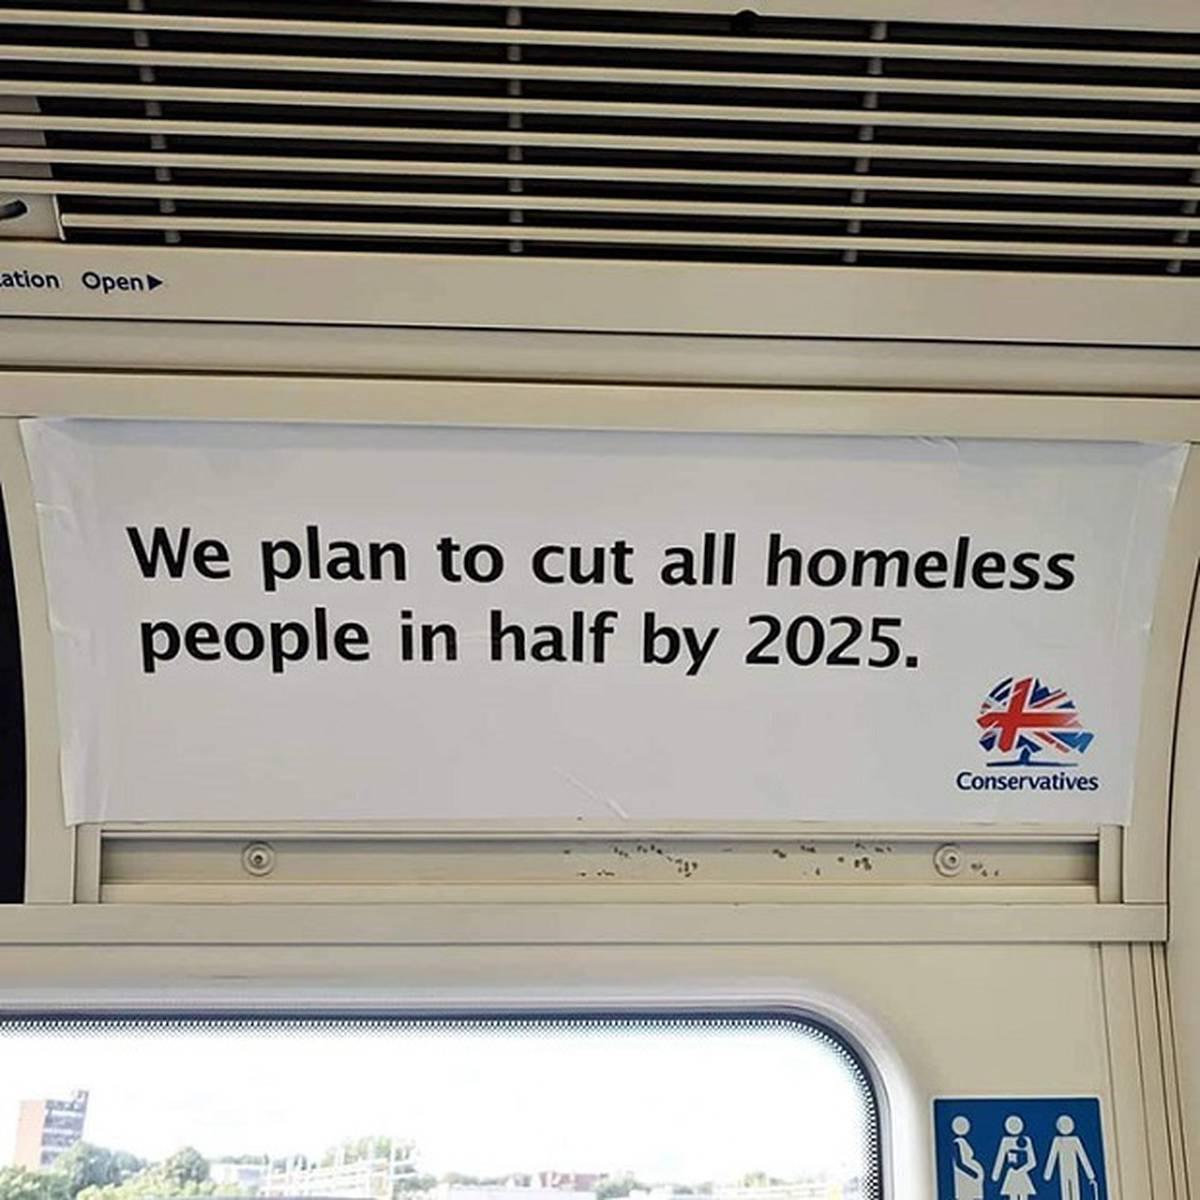 Hombre, como medida para acabar con la pobreza podría ser efectiva, pero no sé yo...